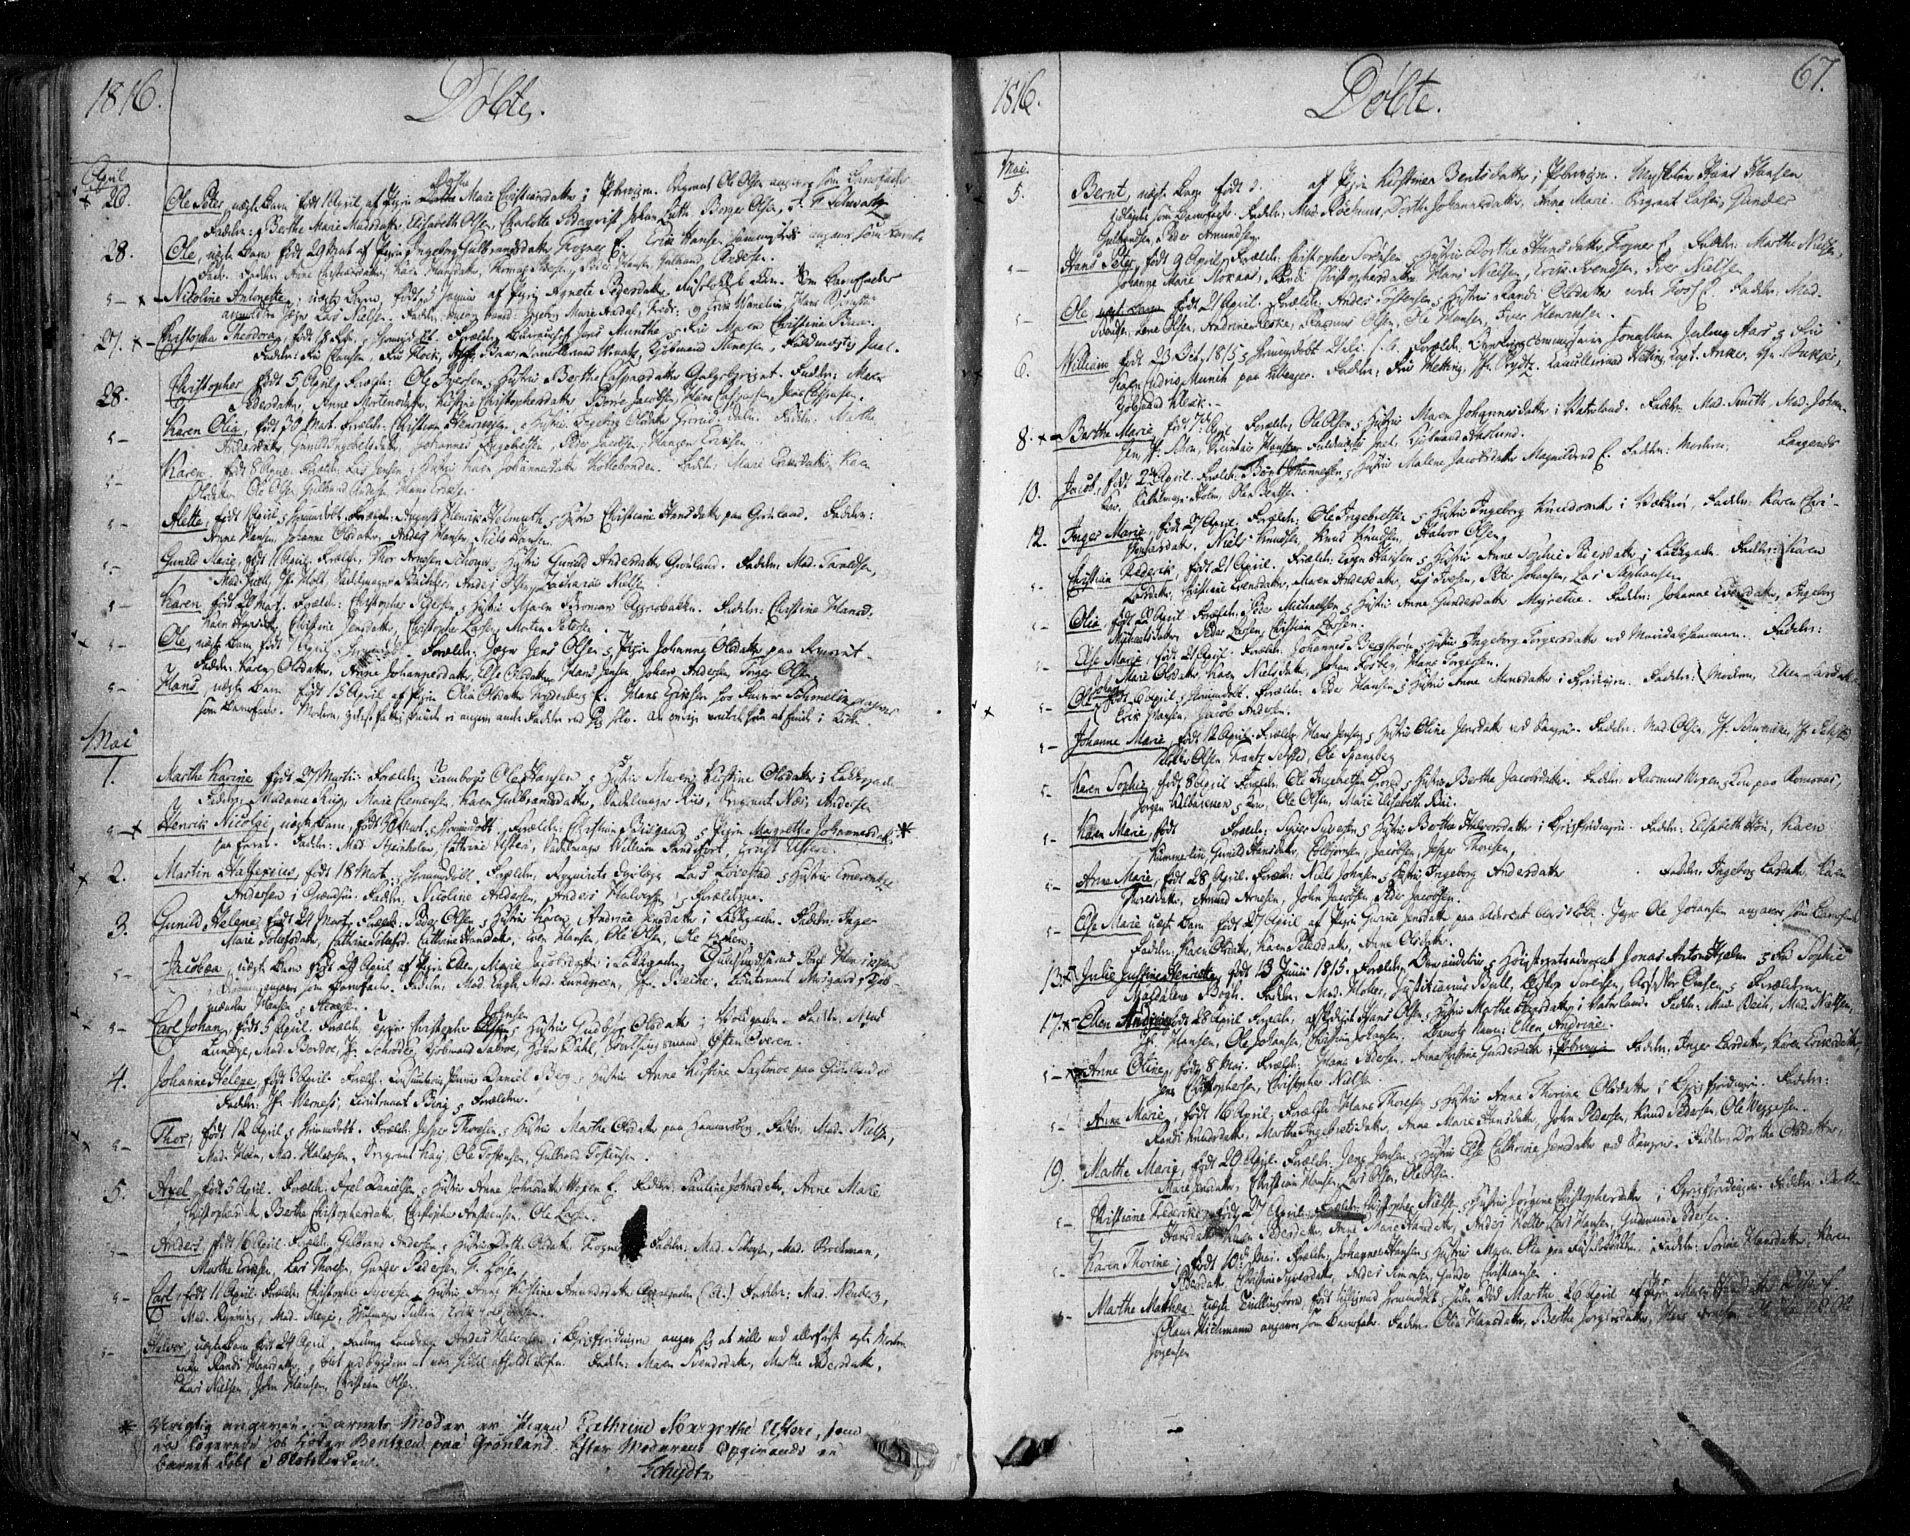 SAO, Aker prestekontor kirkebøker, F/L0011: Ministerialbok nr. 11, 1810-1819, s. 67